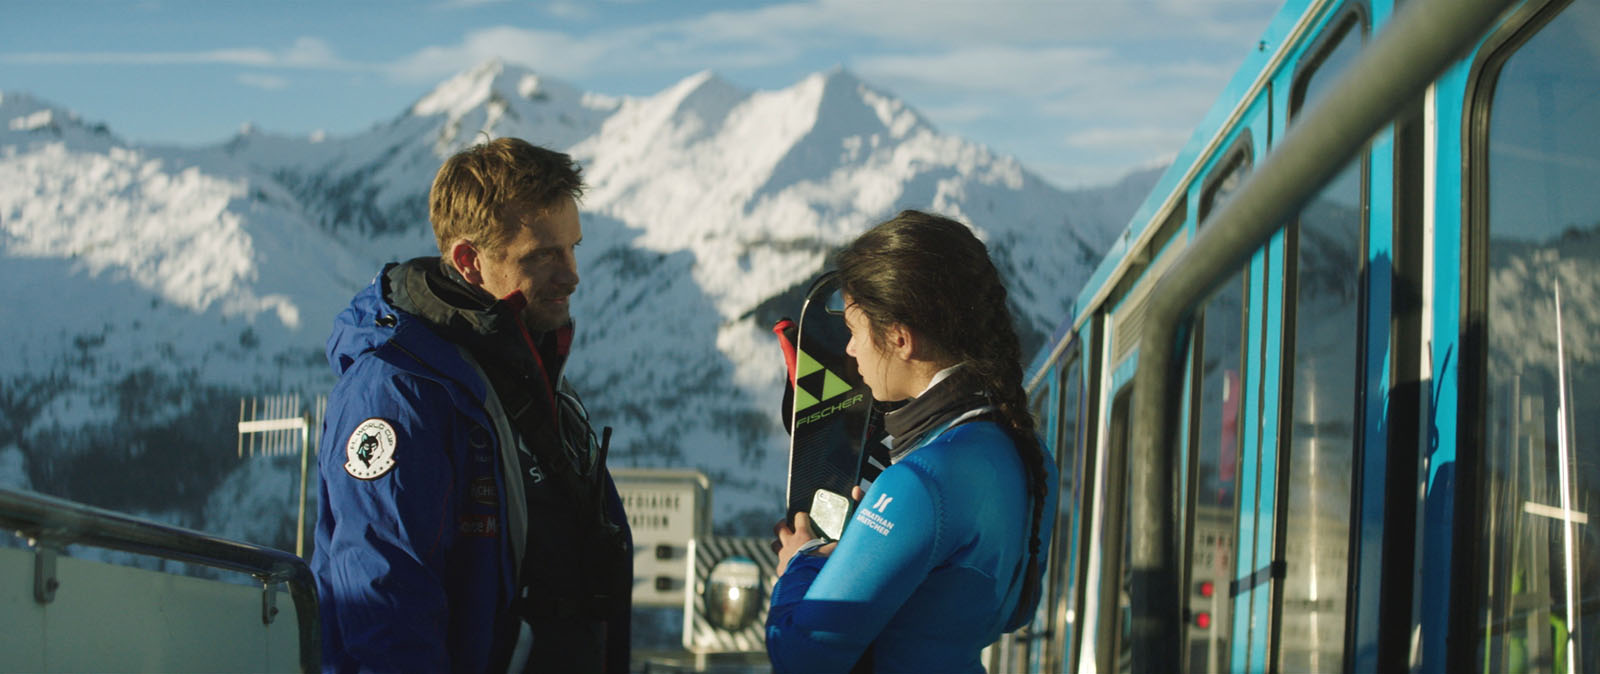 Critique / avis film Slalom : un film dans l'air du temps